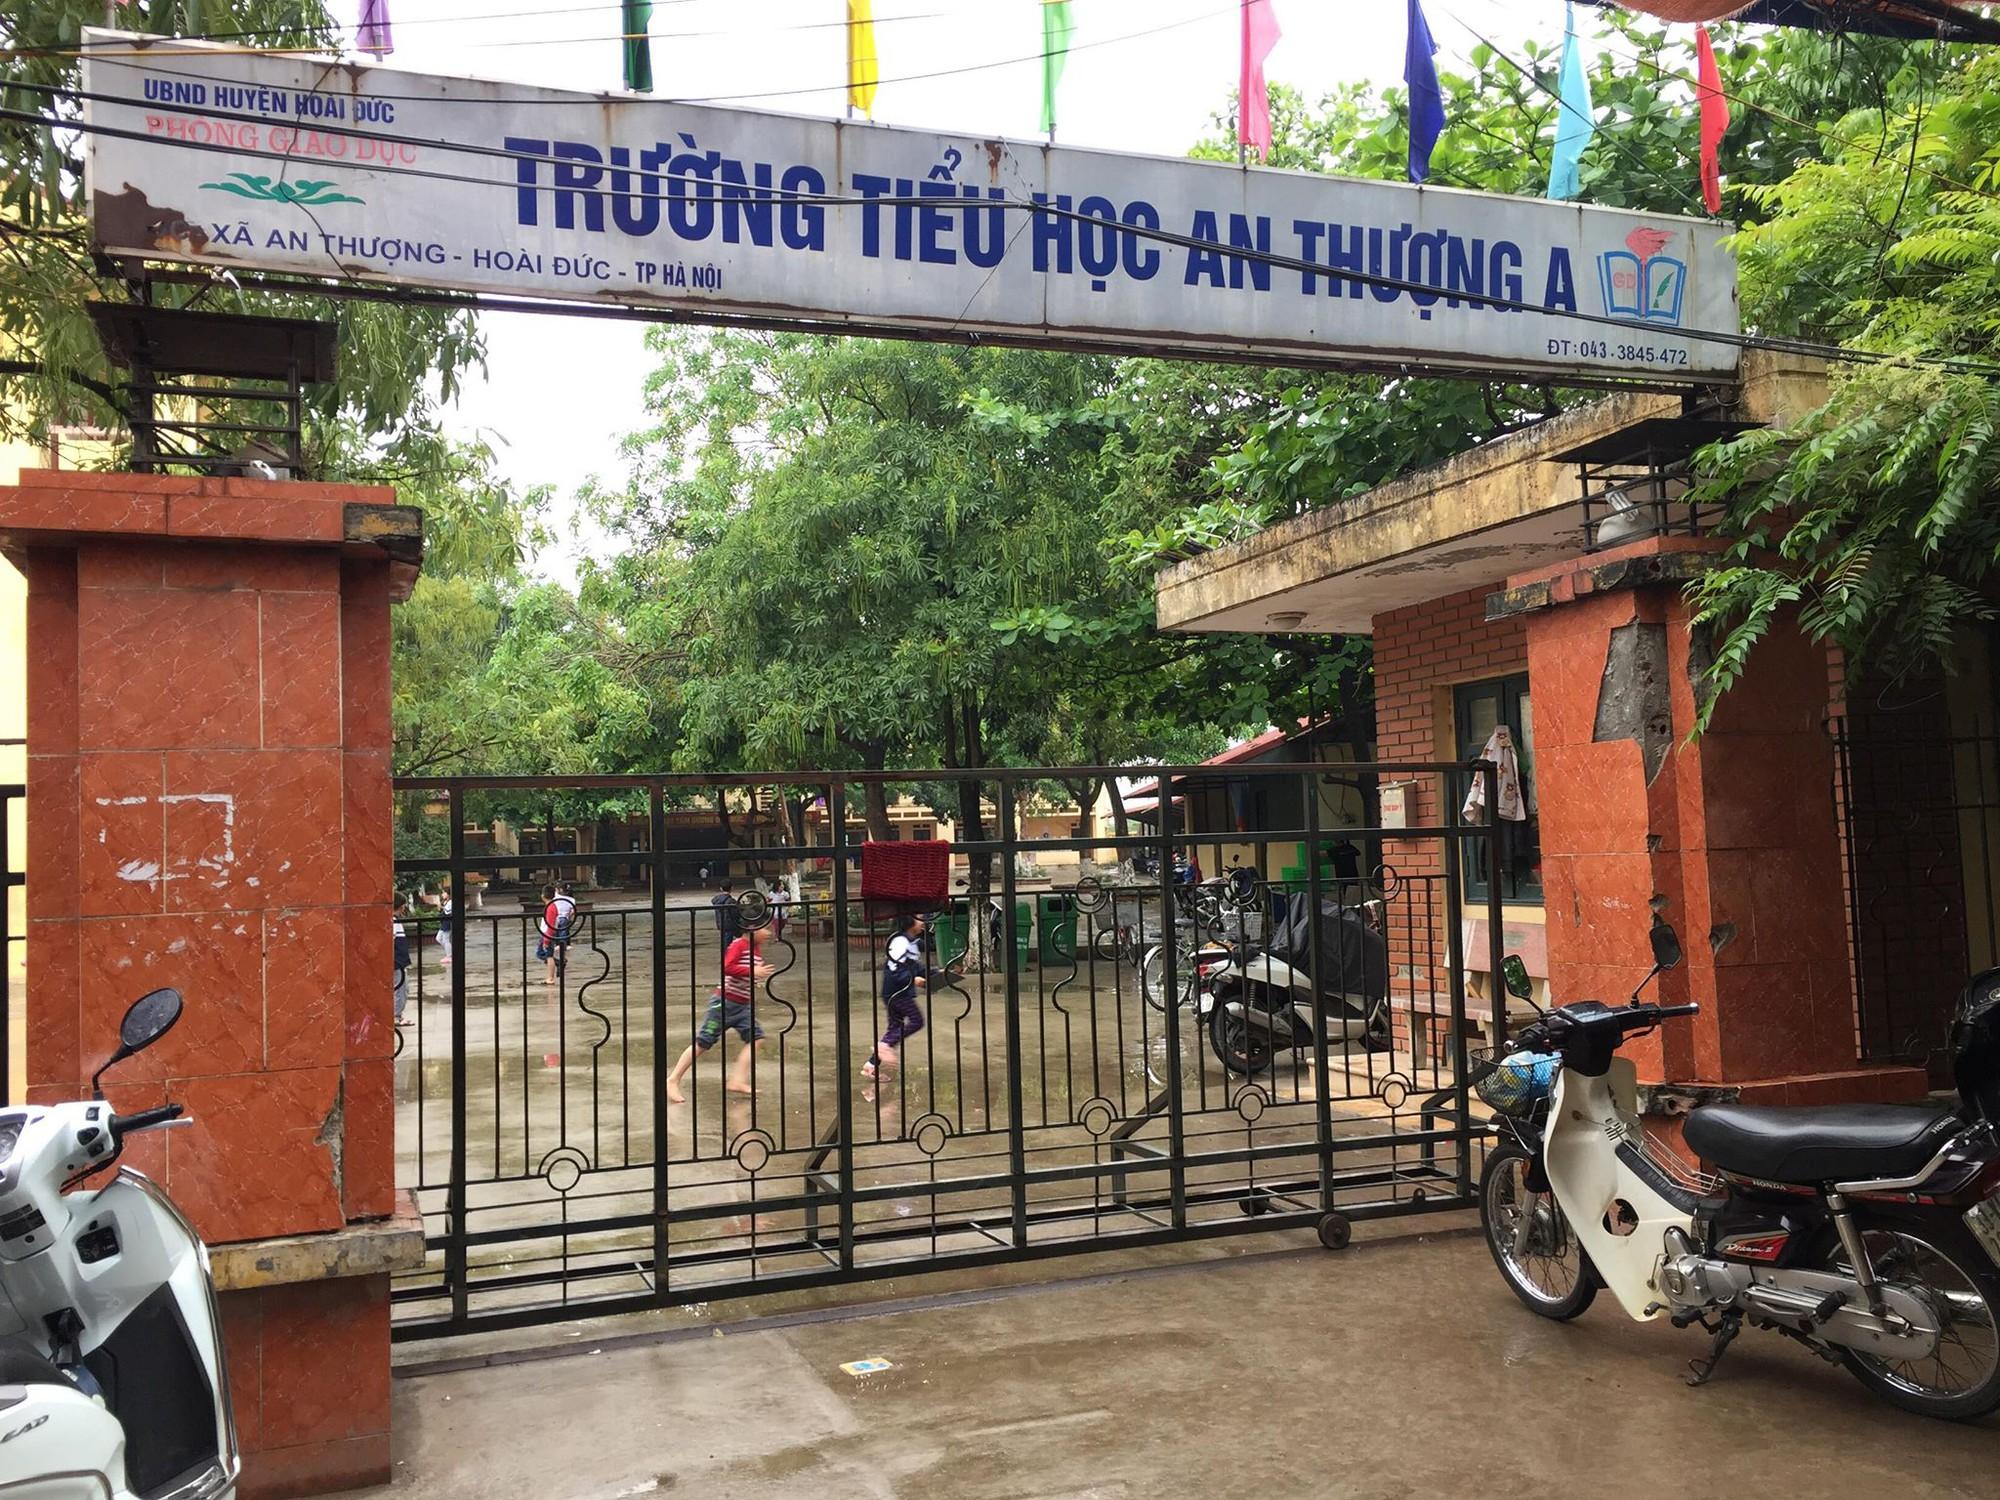 Hà Nội: Thầy giáo Tiểu học bị phụ huynh tố dâm ô nhiều học sinh lớp 3 - Ảnh 1.